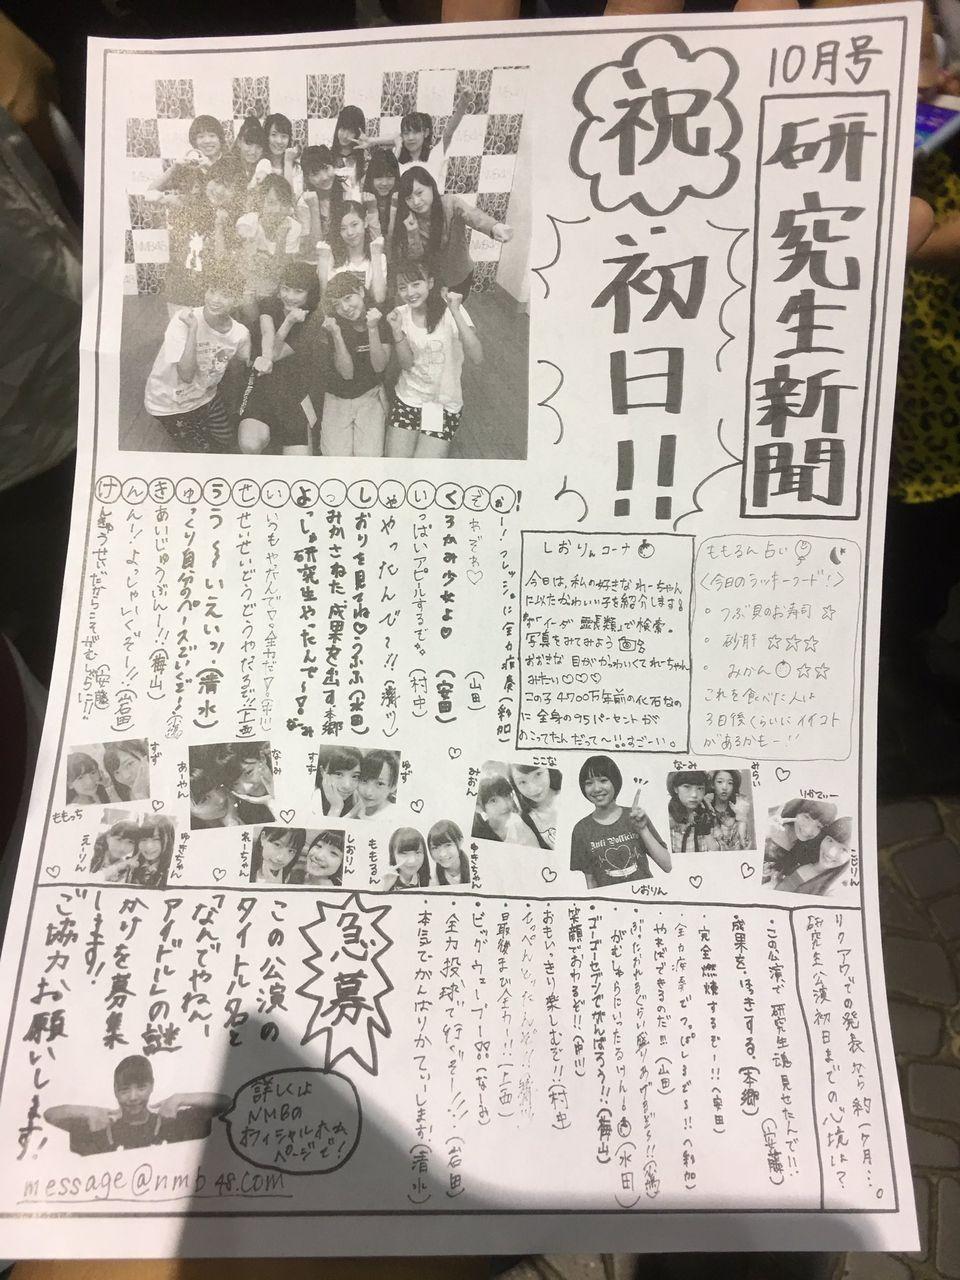 【祝・初日】NMB48研究生公演で「研究生新聞」を発行